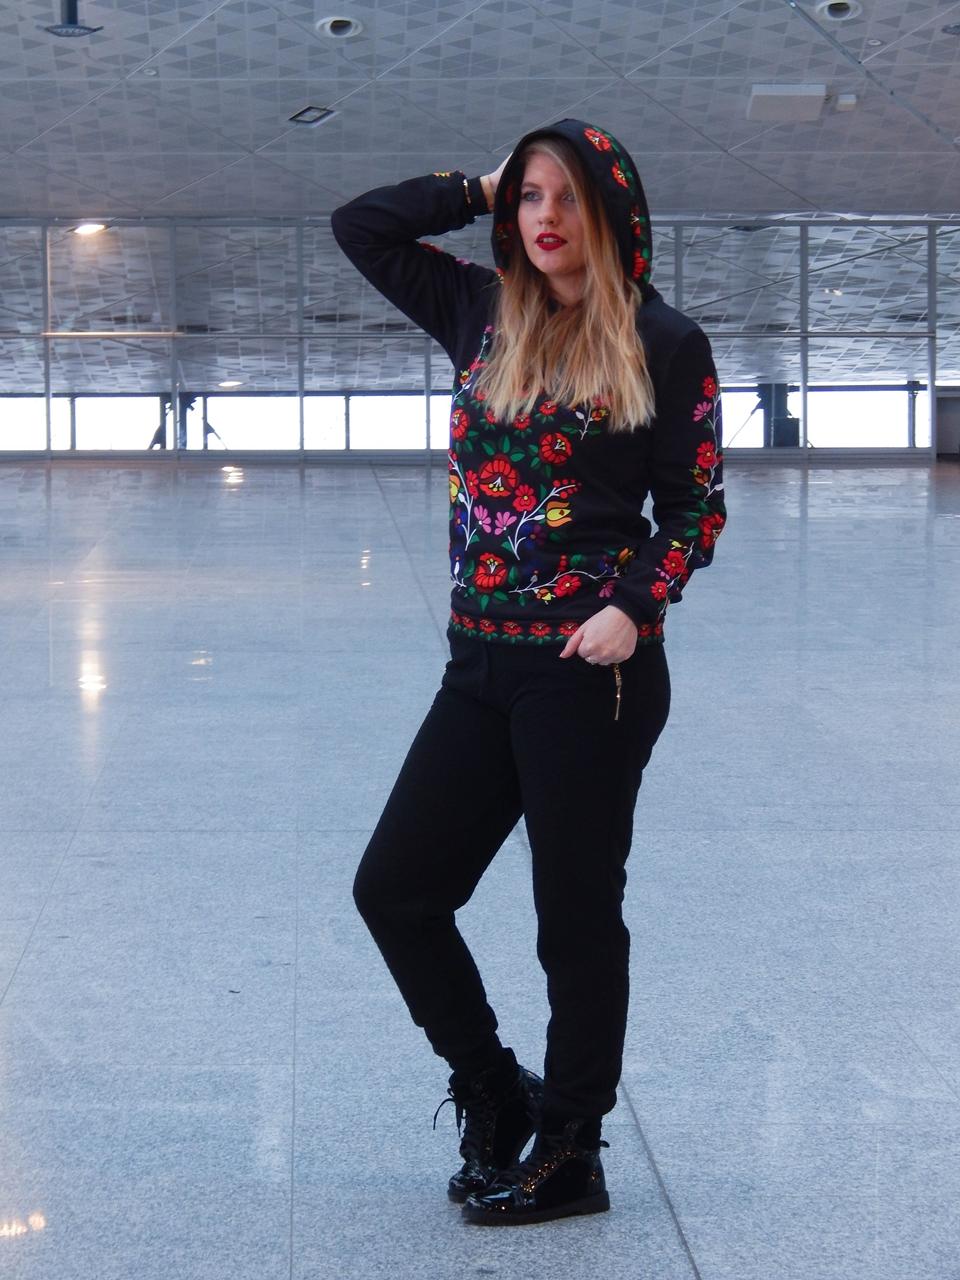 f7-2 folk by koko recenzja opinie ubrania folkowe łowickie motywy bluza góralska sukienka kodra łowicka folkowe ubrania moda ludowa pomysł na prezent fashion blog melodylaniella łódź dworzec łódź fabryczna